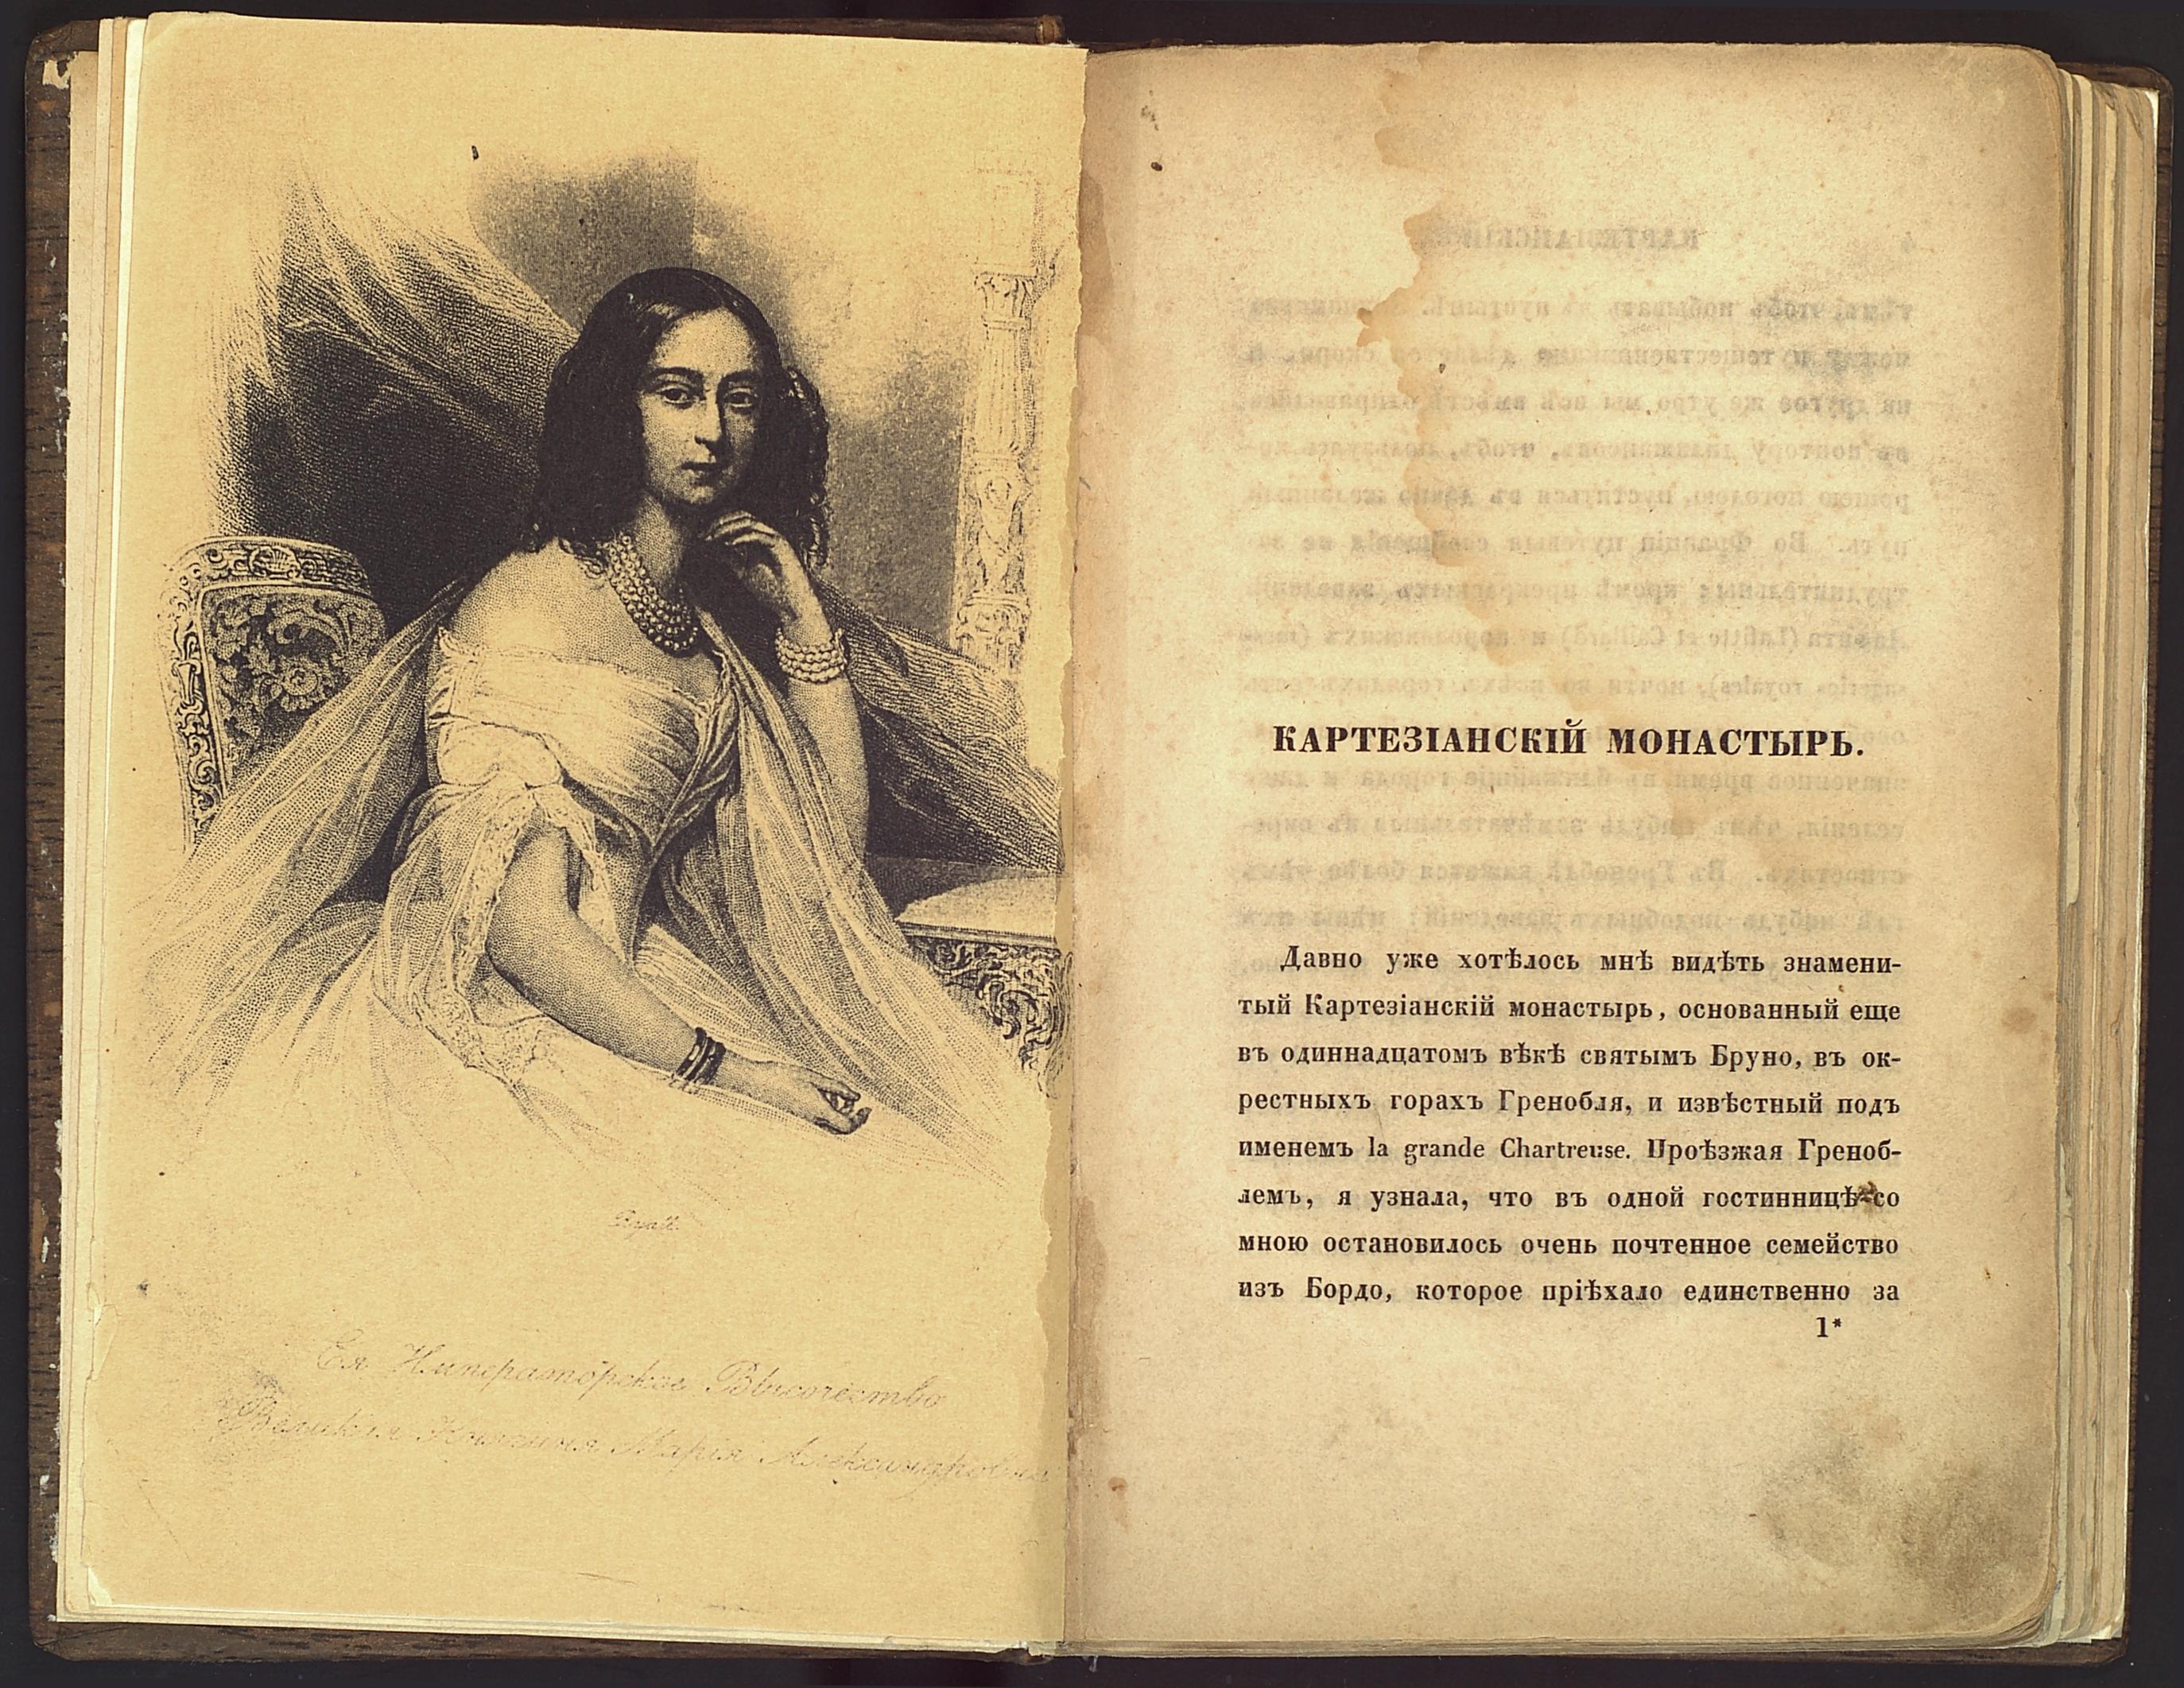 ЛОК-7485 ТАРХАНЫ КП-14067  Книга Утренняя заря на 1842 год._3